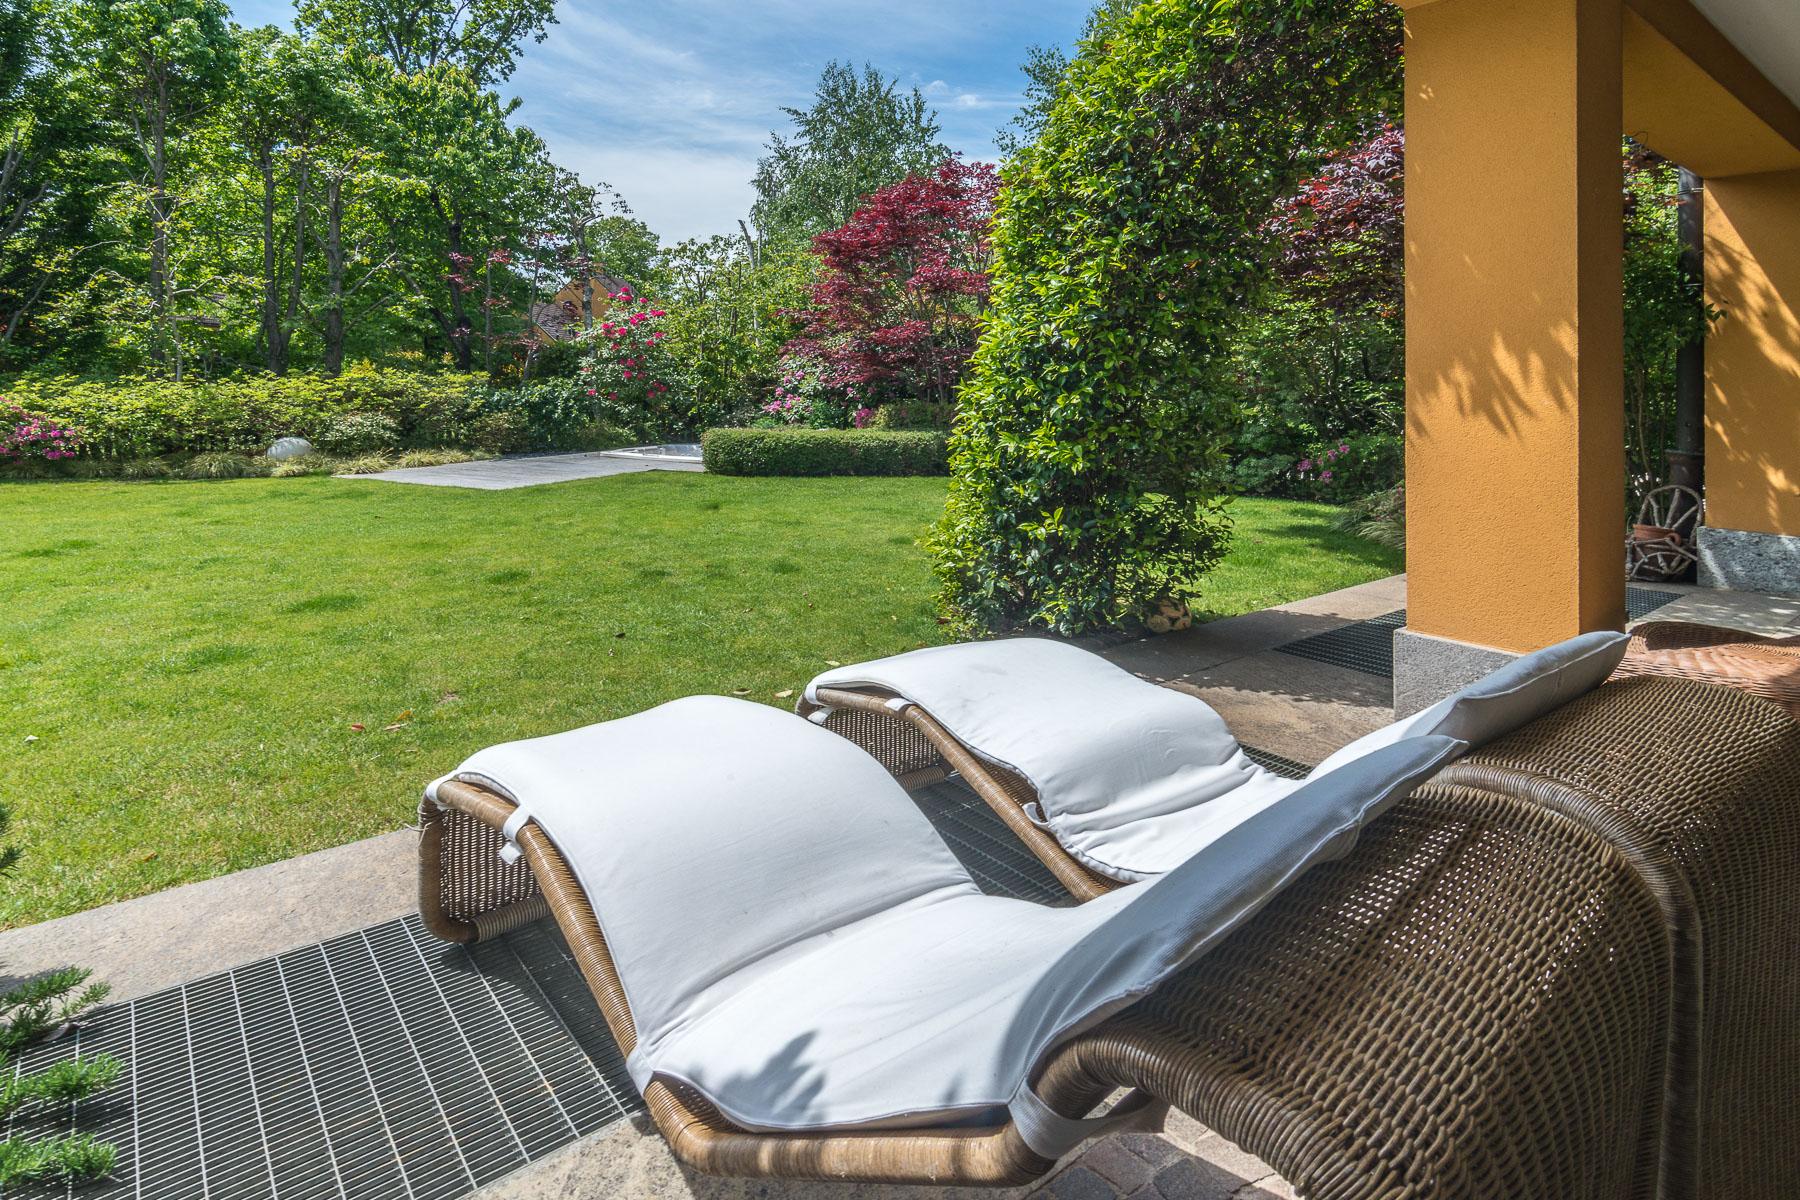 Villa in Vendita a Agrate Conturbia: 5 locali, 300 mq - Foto 6